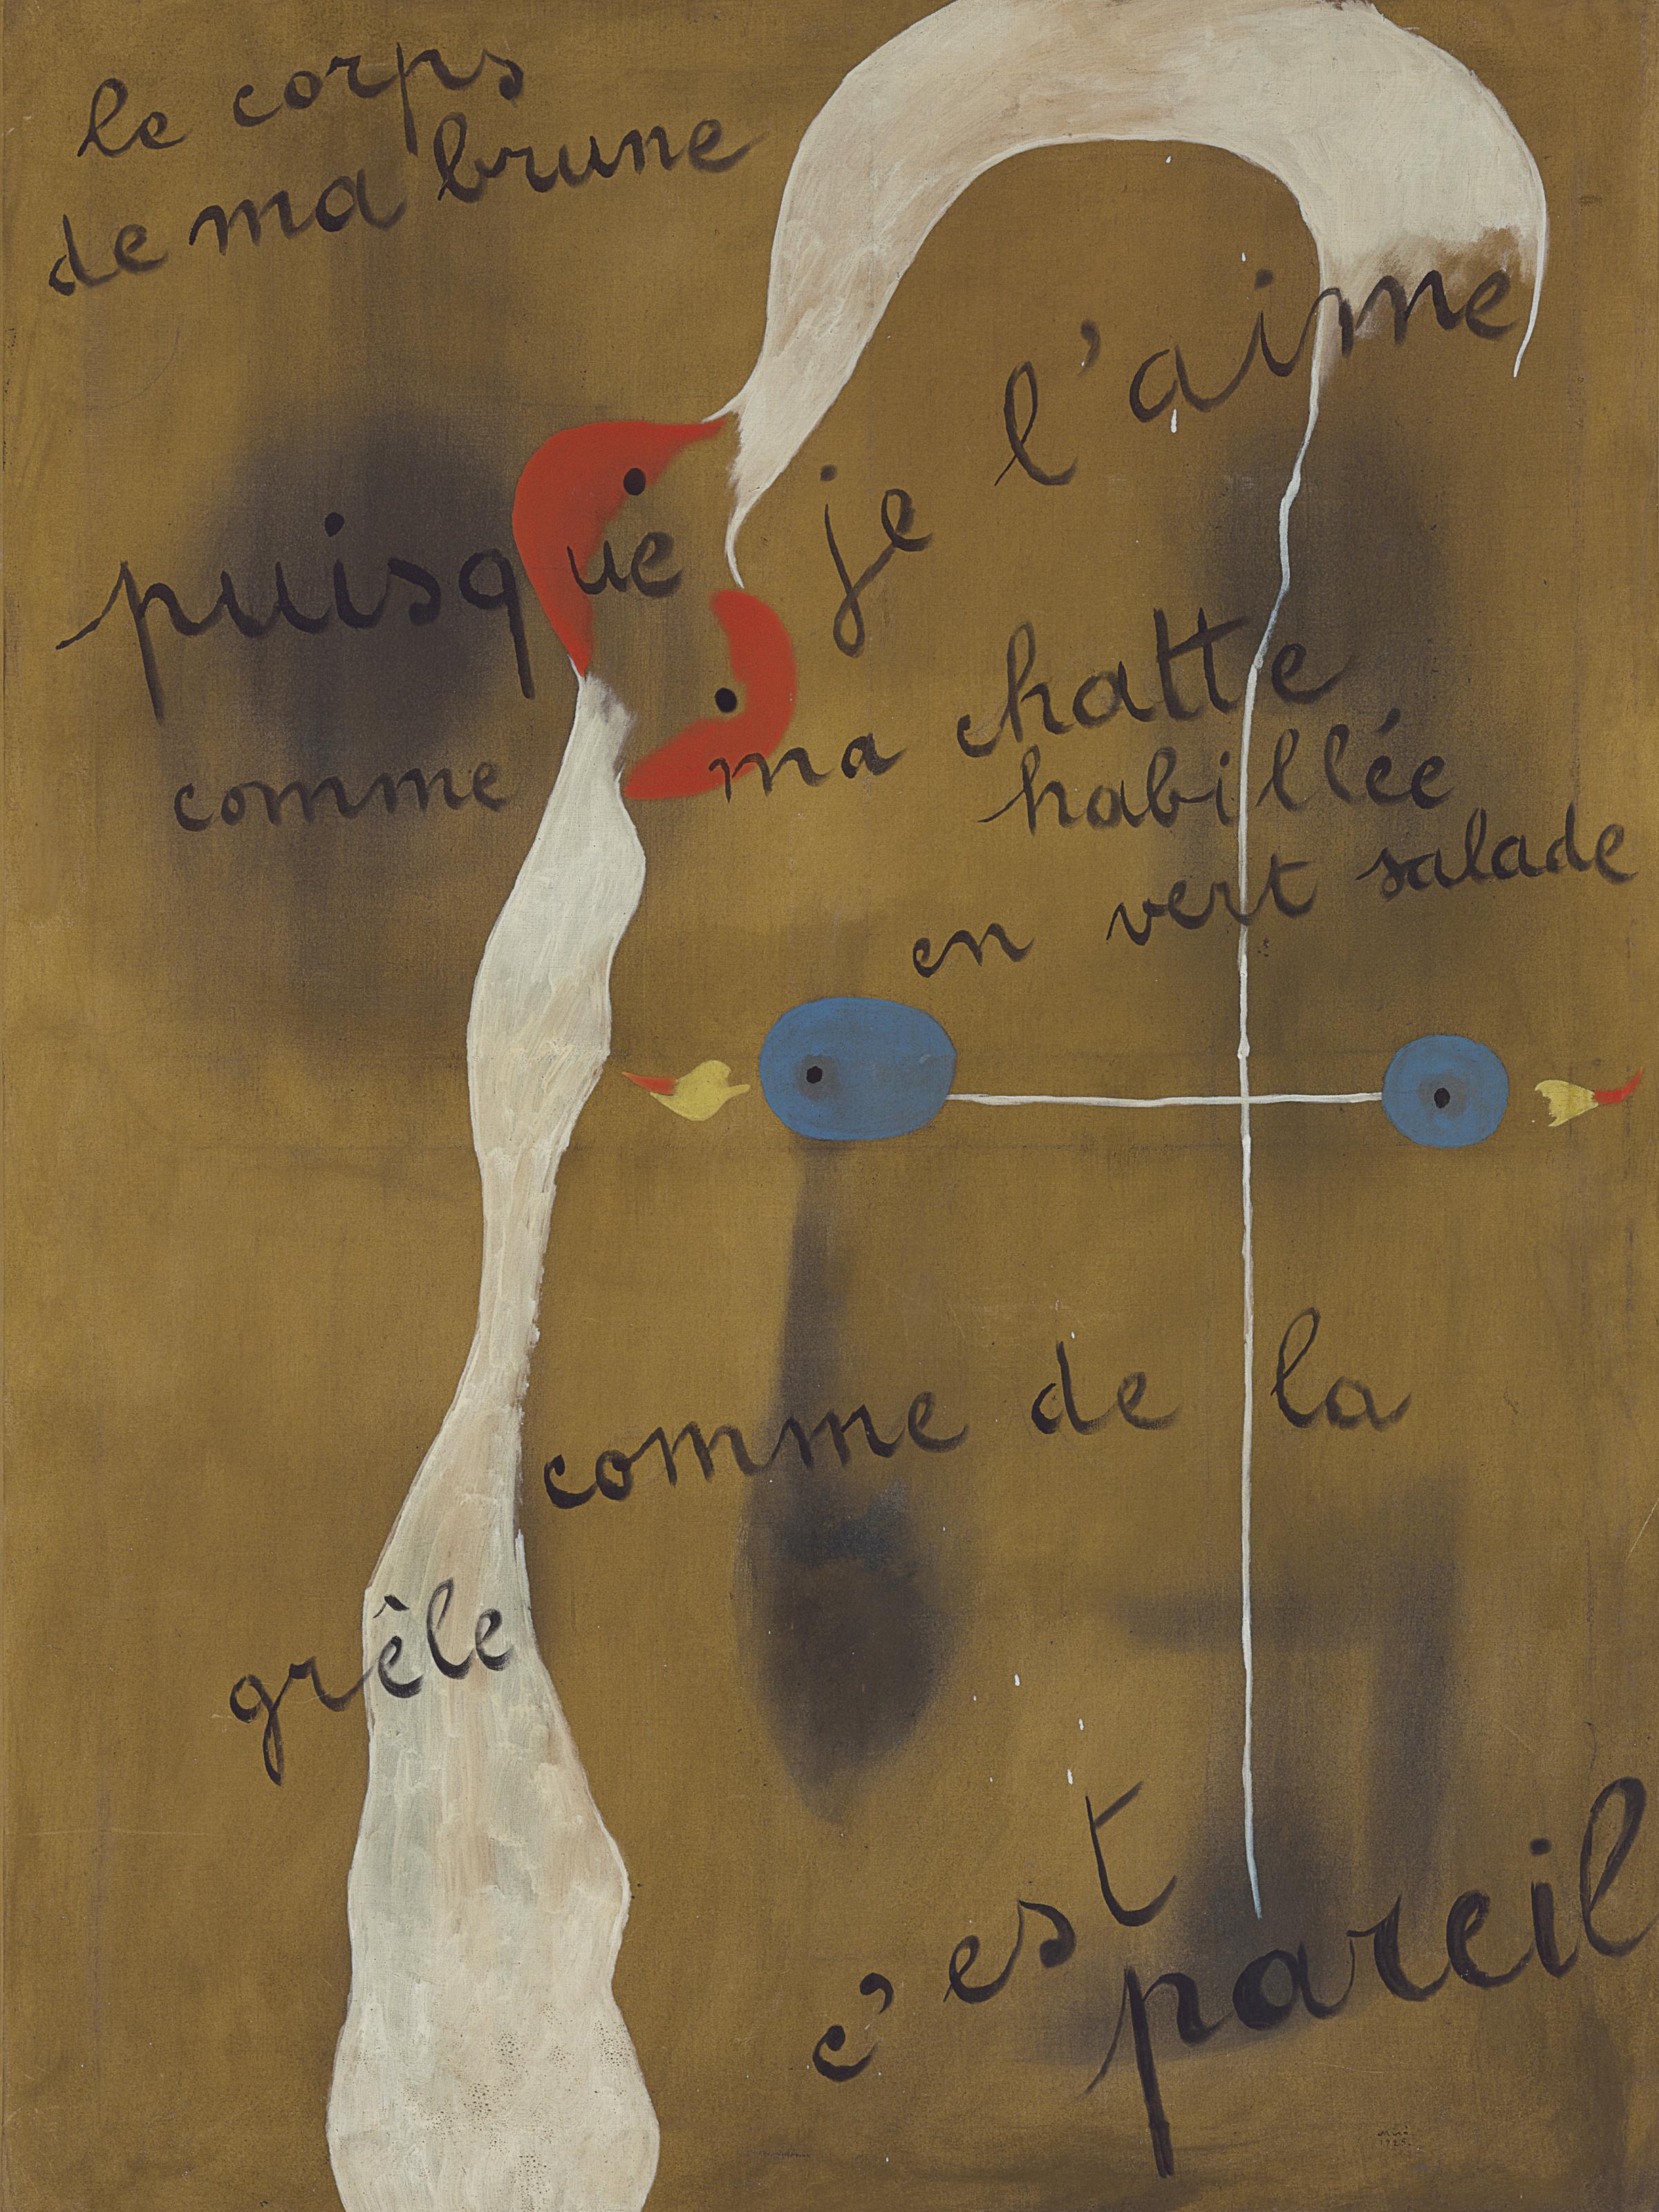 """Painting-Poem (""""le corps de ma brune puisque je l'aime comme ma chatte habillée en vert salade comme de la grêle c'est pareil"""")"""